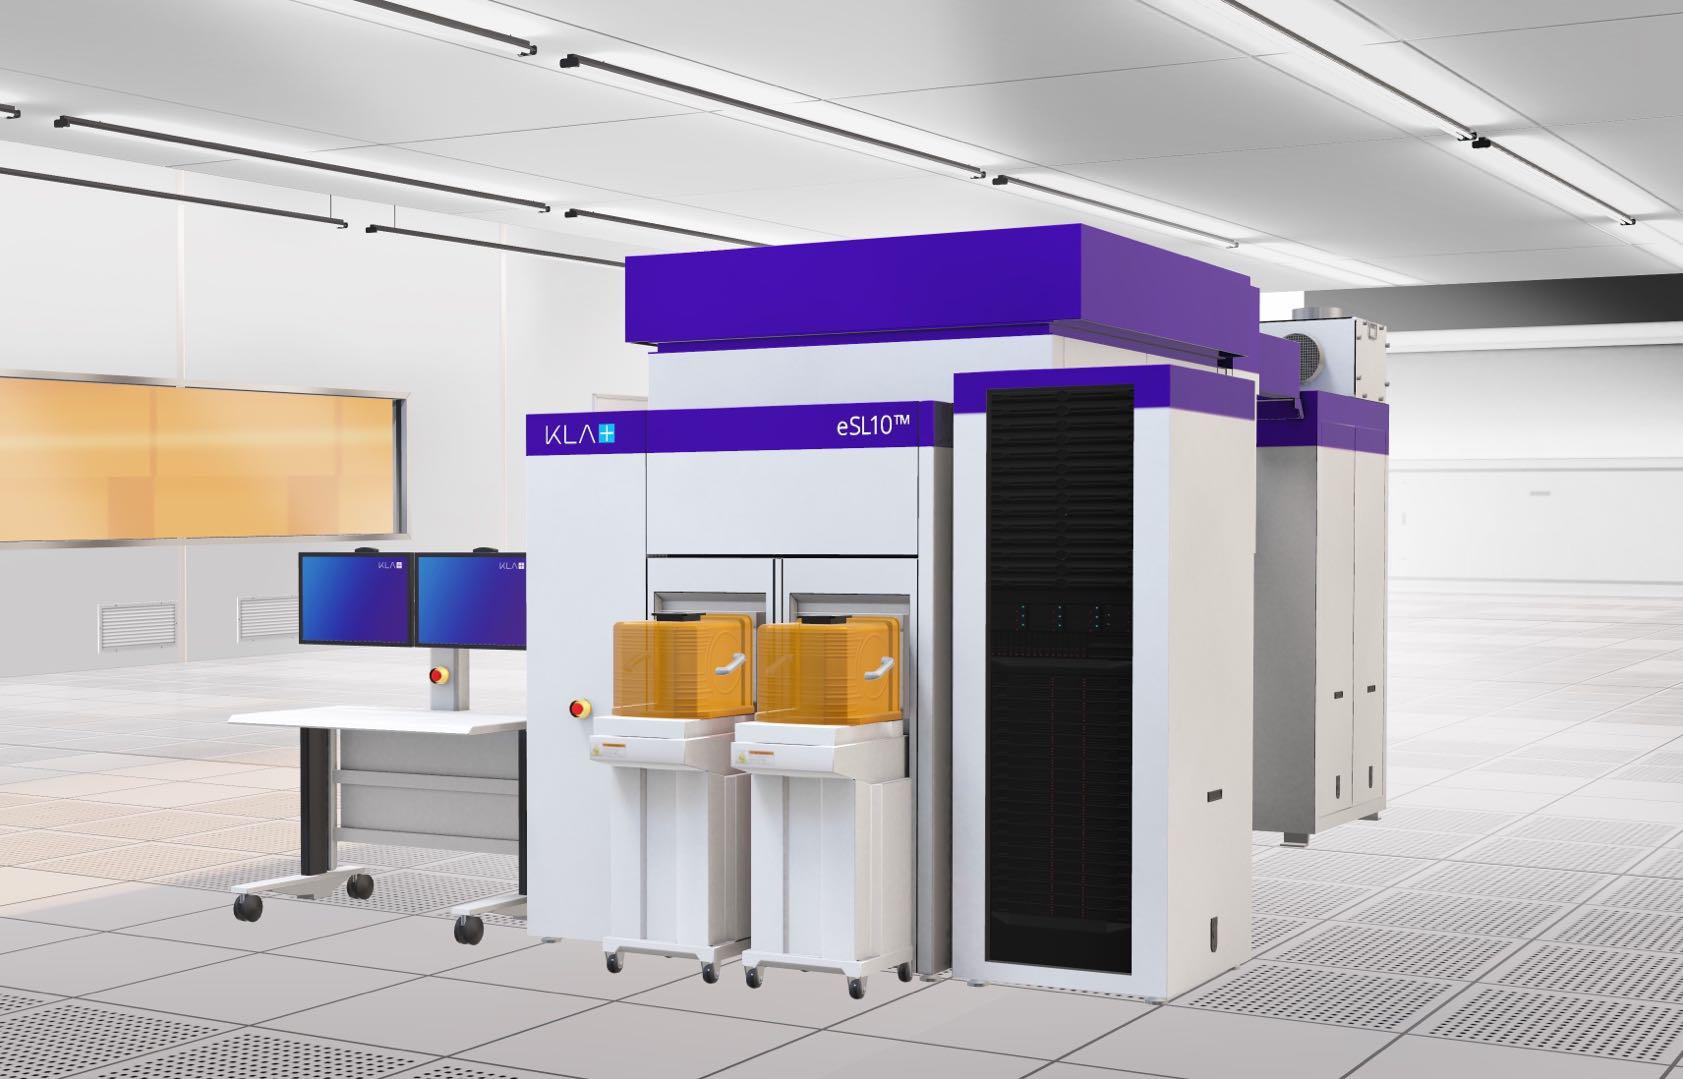 KLA推出全新突破性的电子束缺陷检测系统